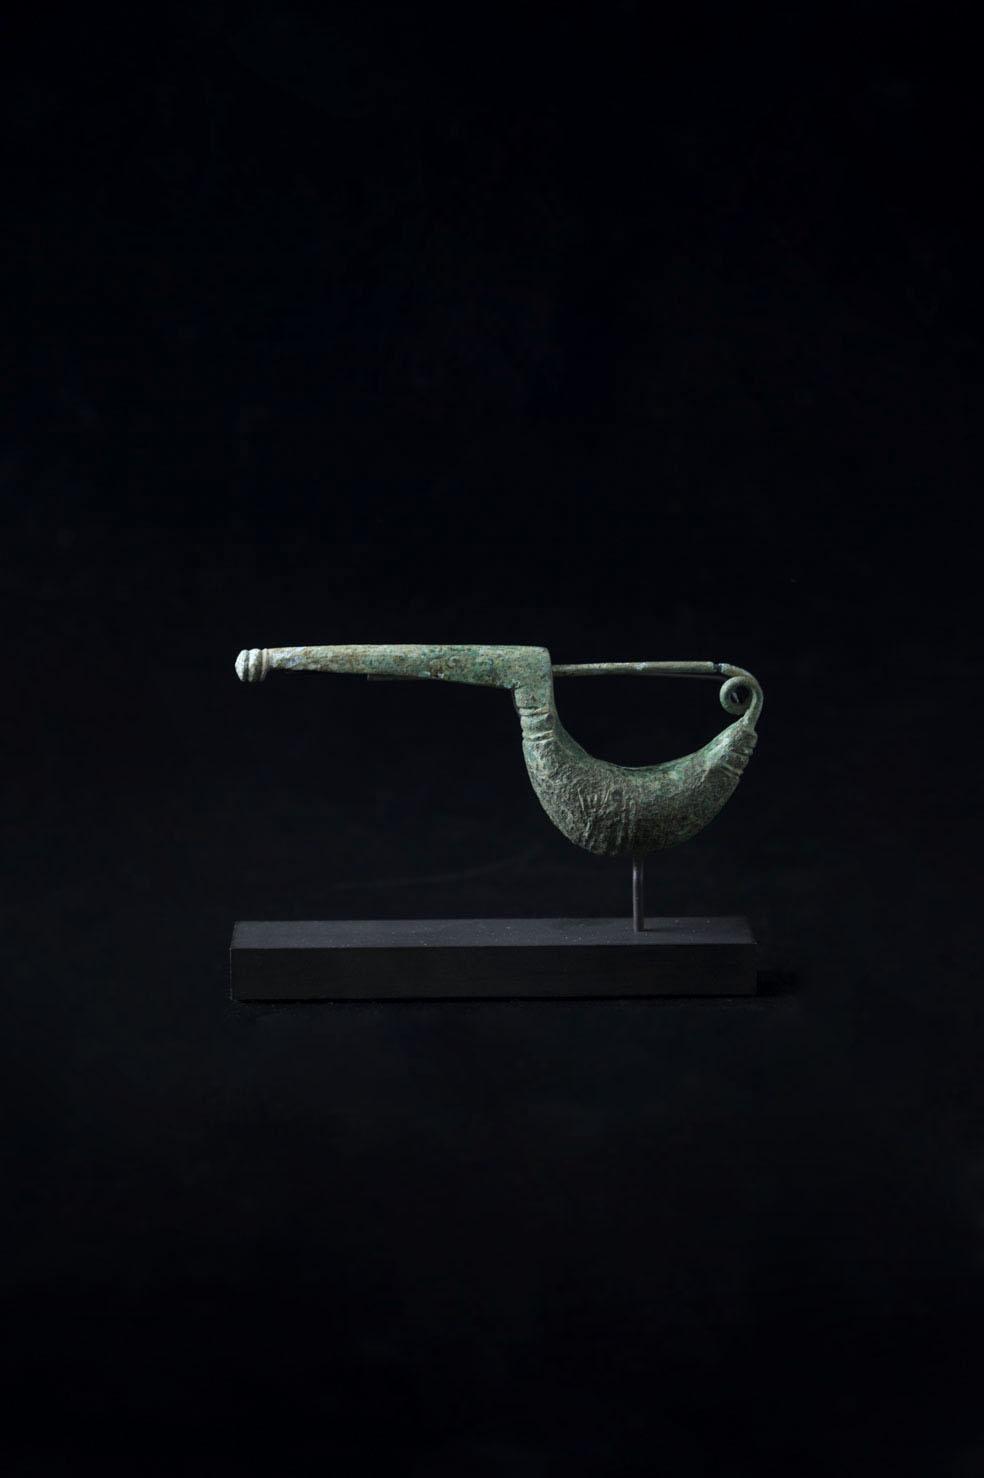 ザ・美術骨董ショー2021不参加のお知らせ